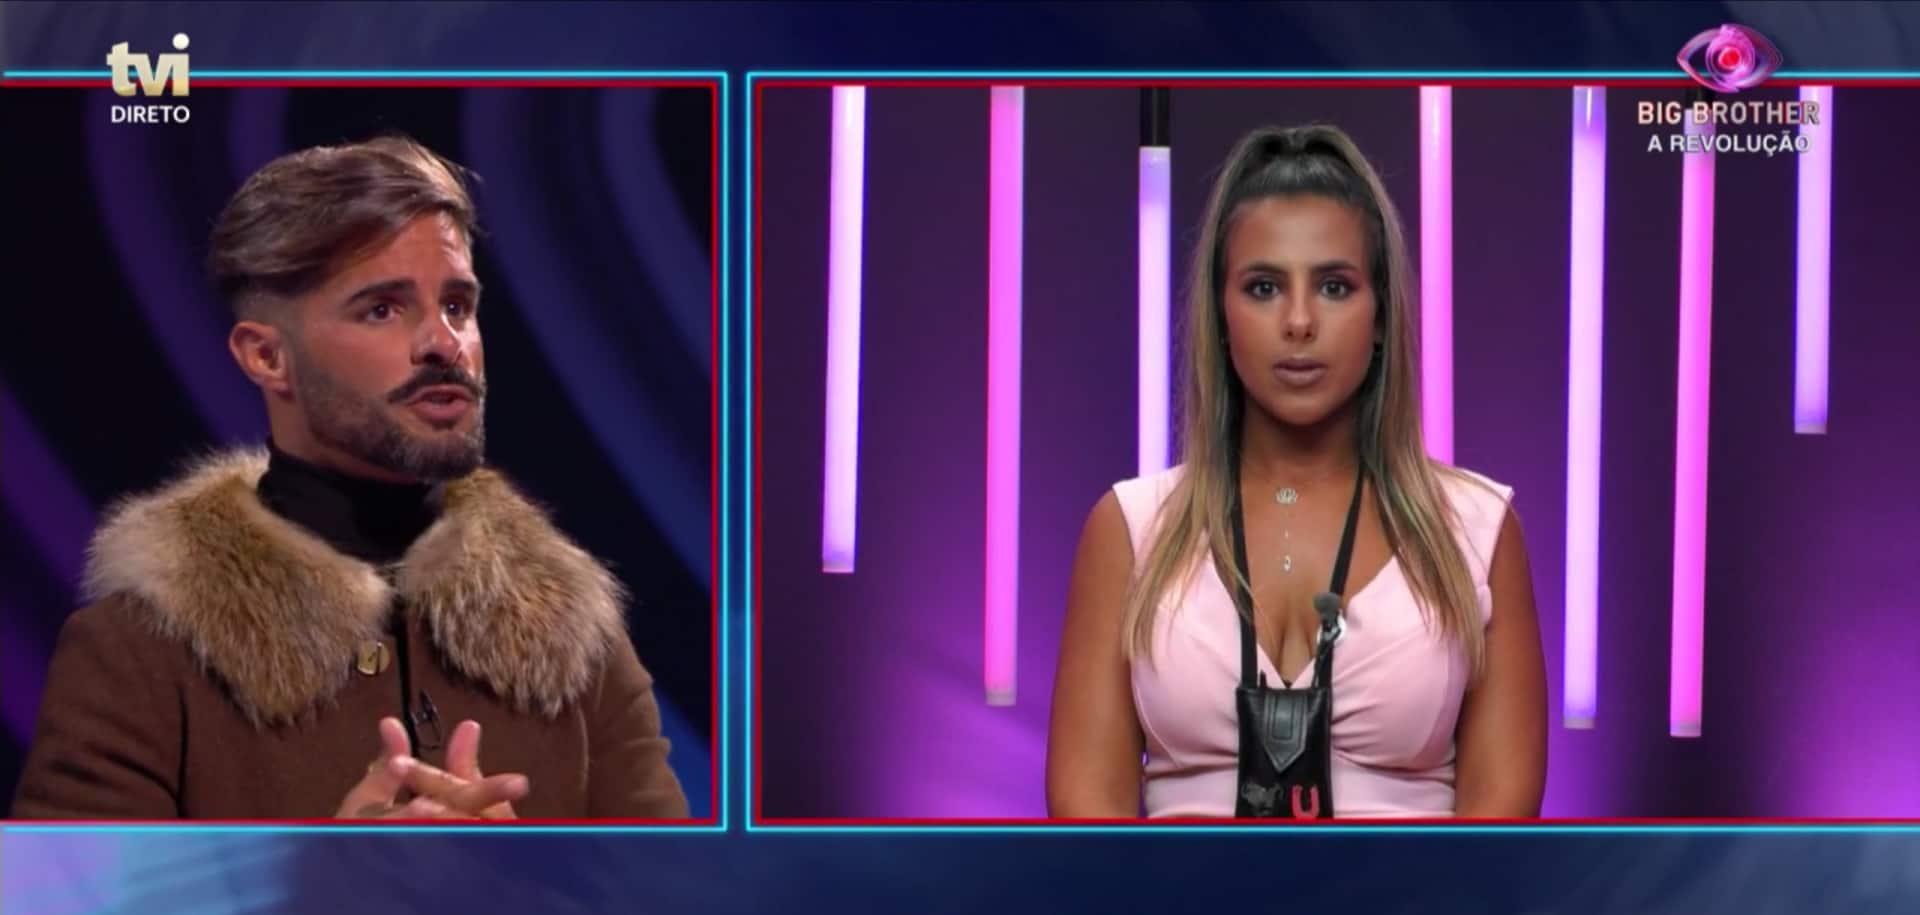 Rui Pedro Joana Gala Big Brother